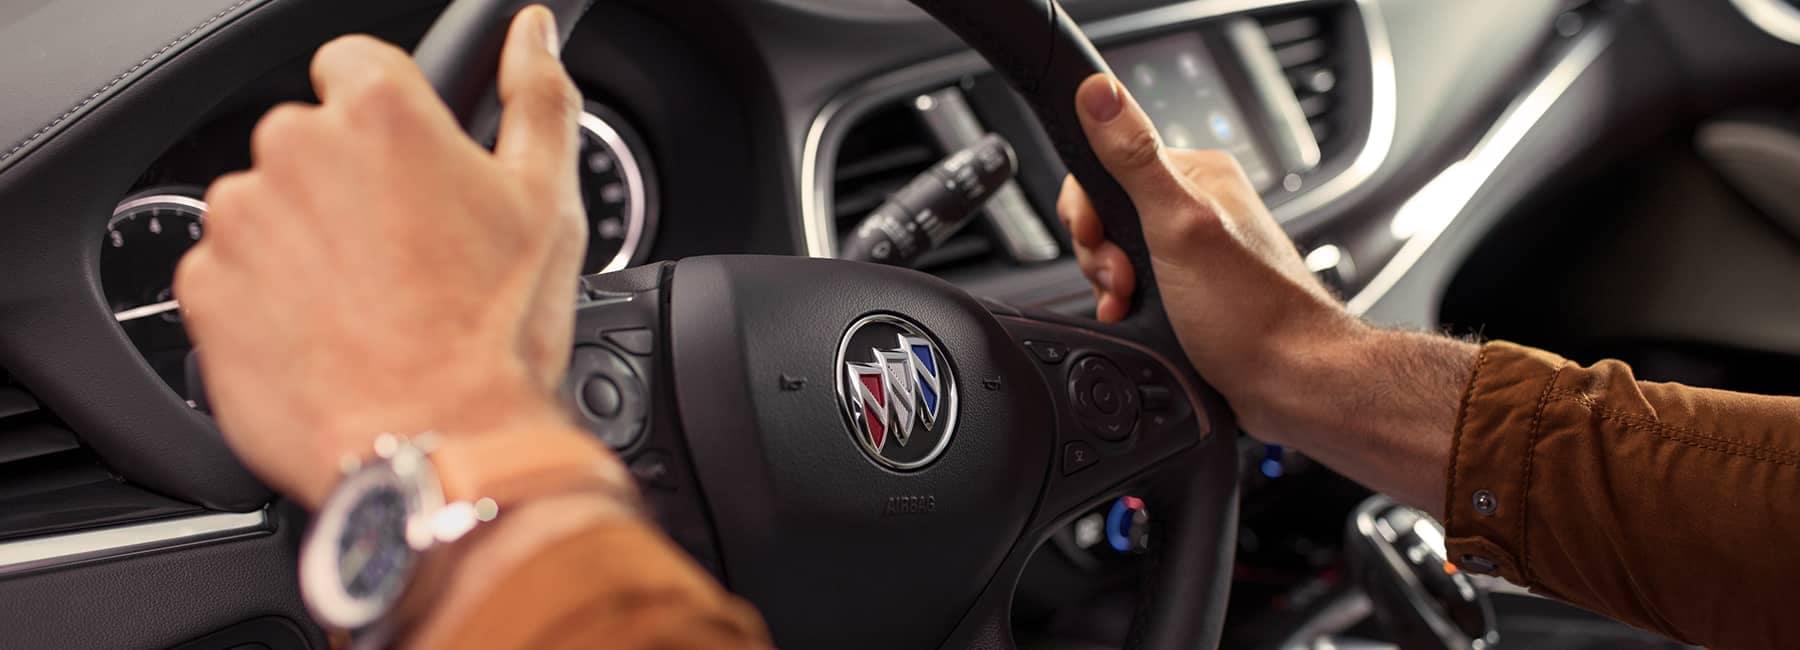 2020 Buick Enclave Steering Wheel